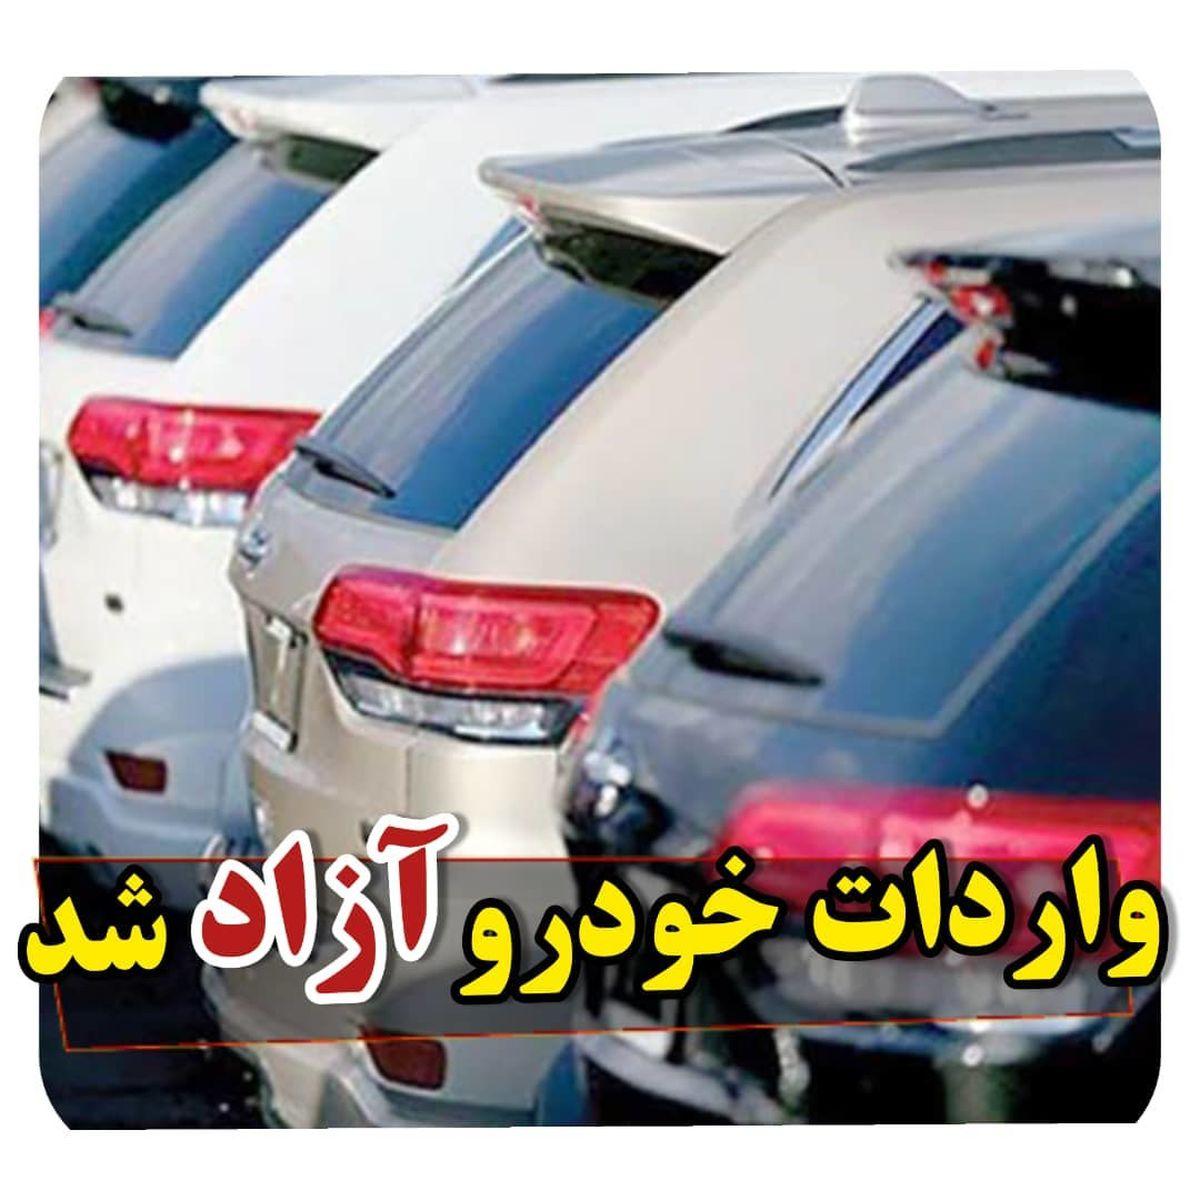 فوری: واردات خودرو آزاد شد